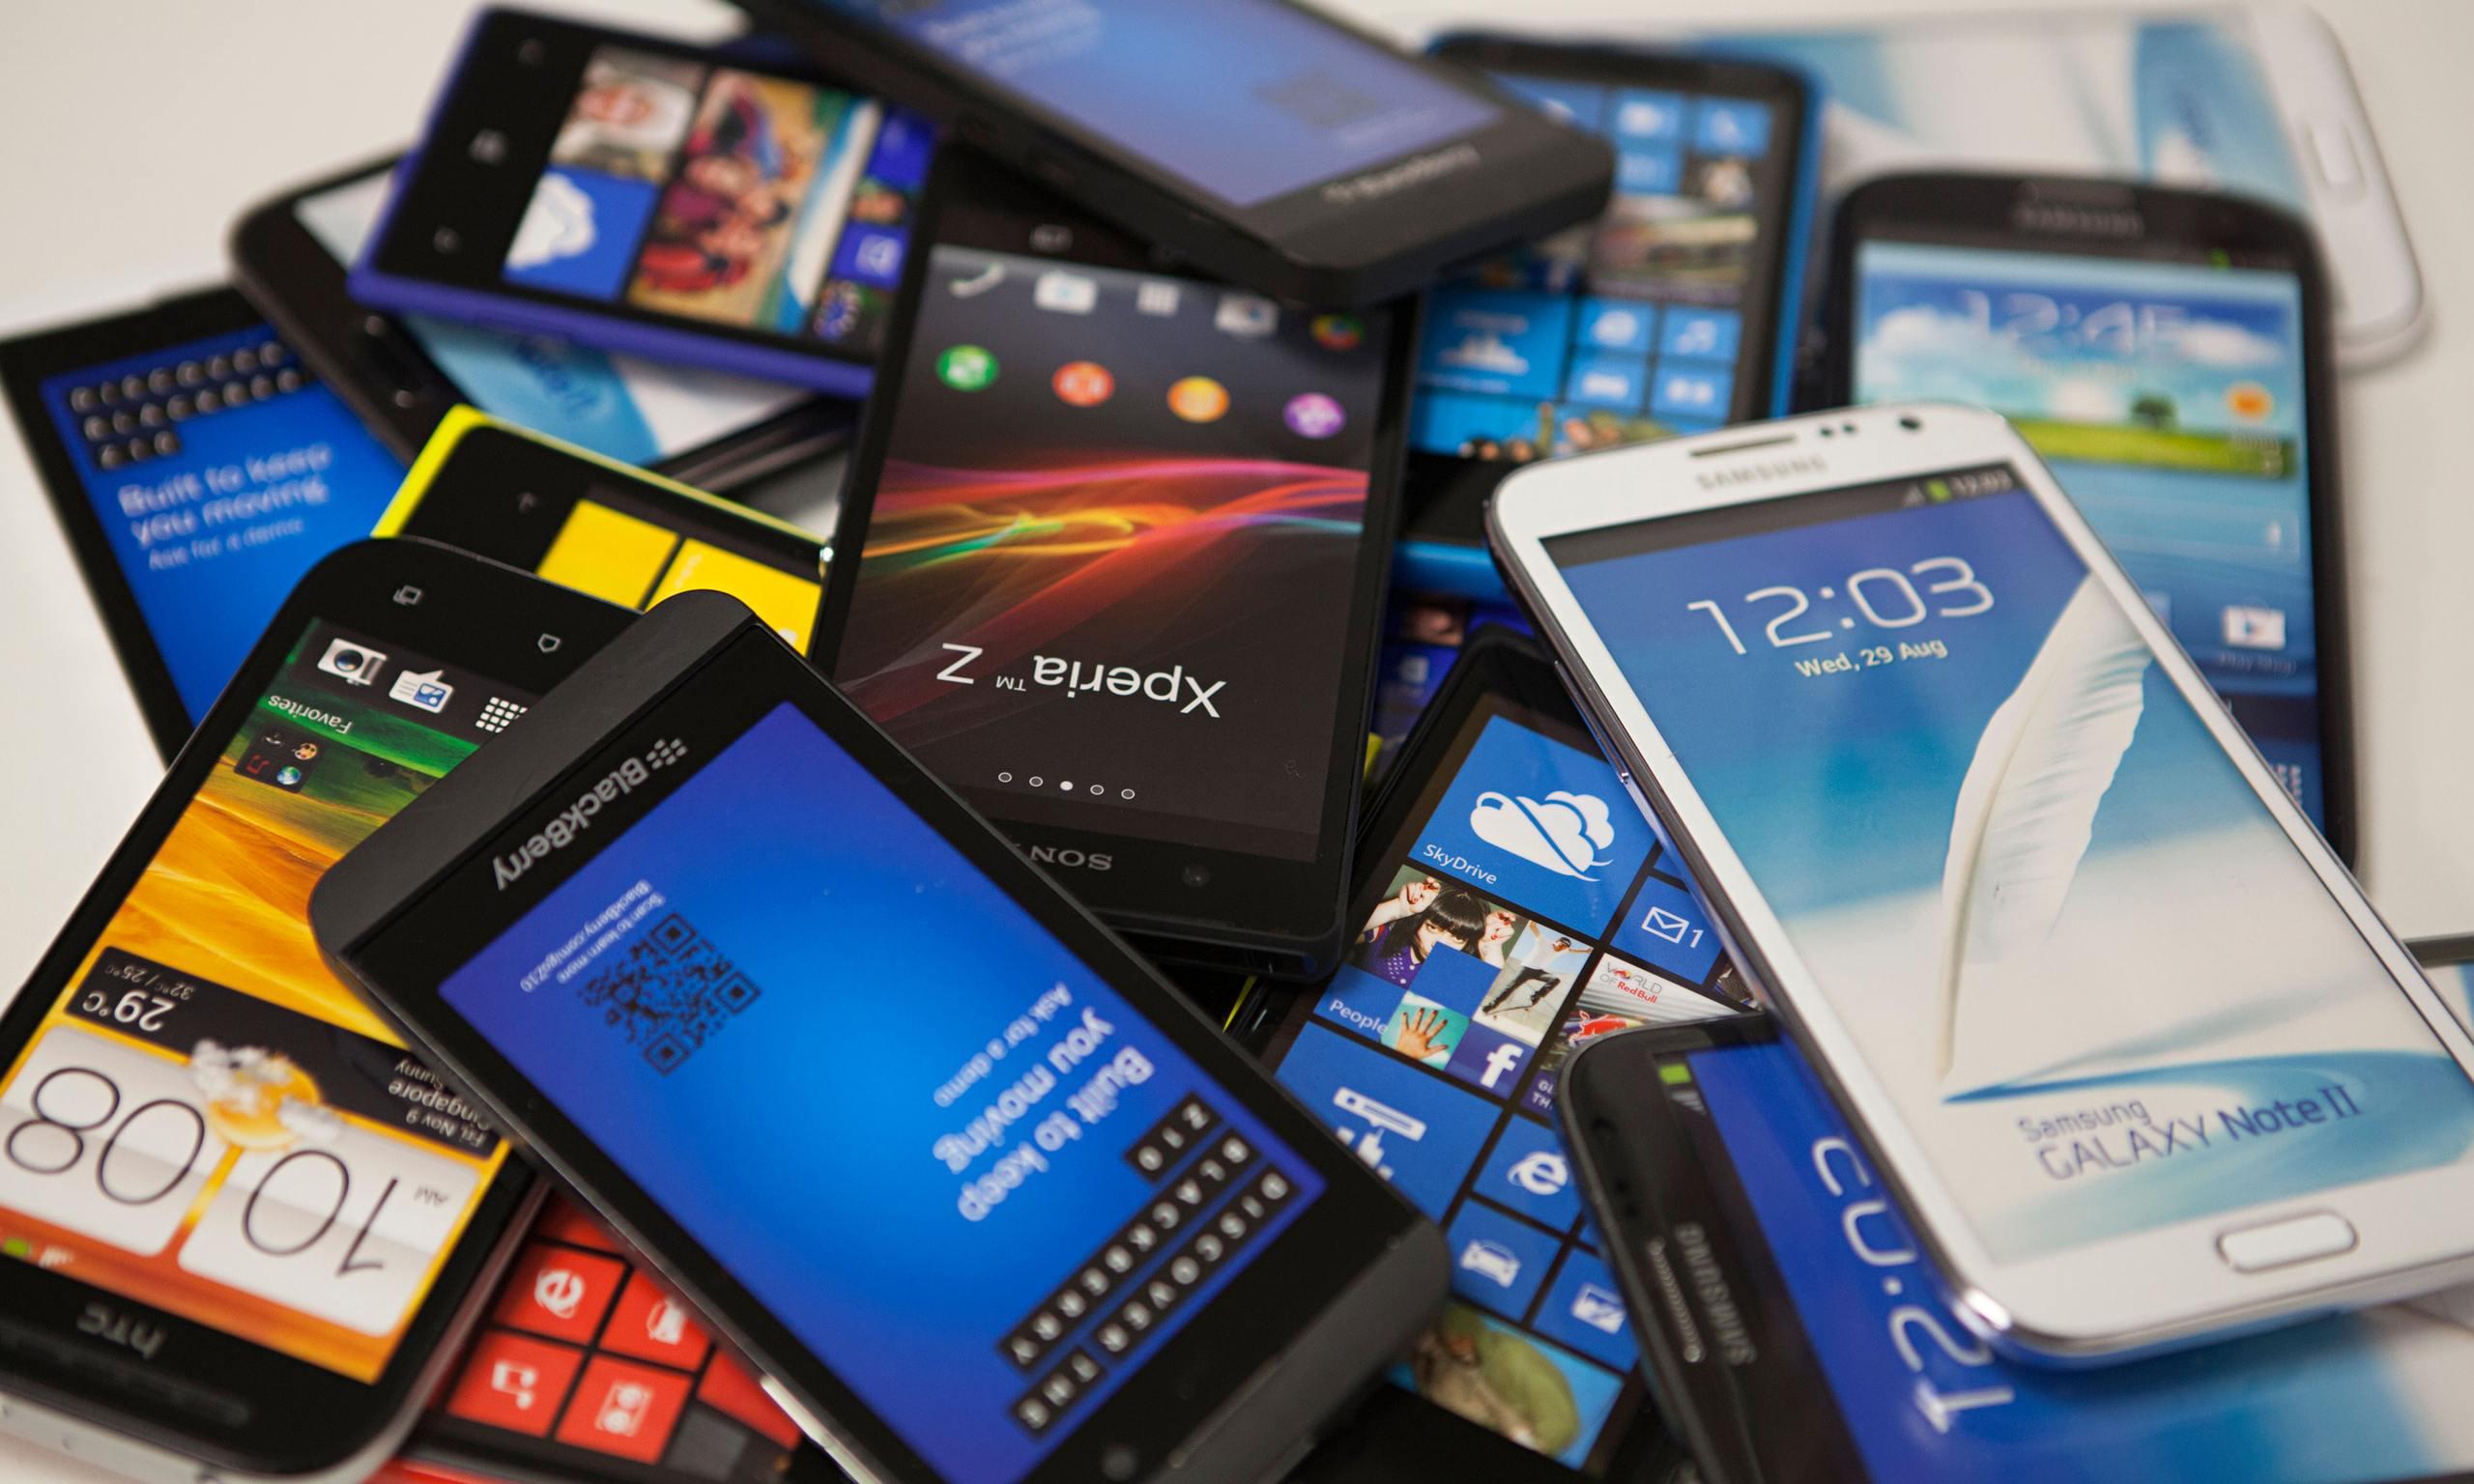 2015թ. II եռամսյակում աշխարհում վաճառքի է հանվել 337.2 մլն սմարթֆոն, Samsung-ն առաջատար է